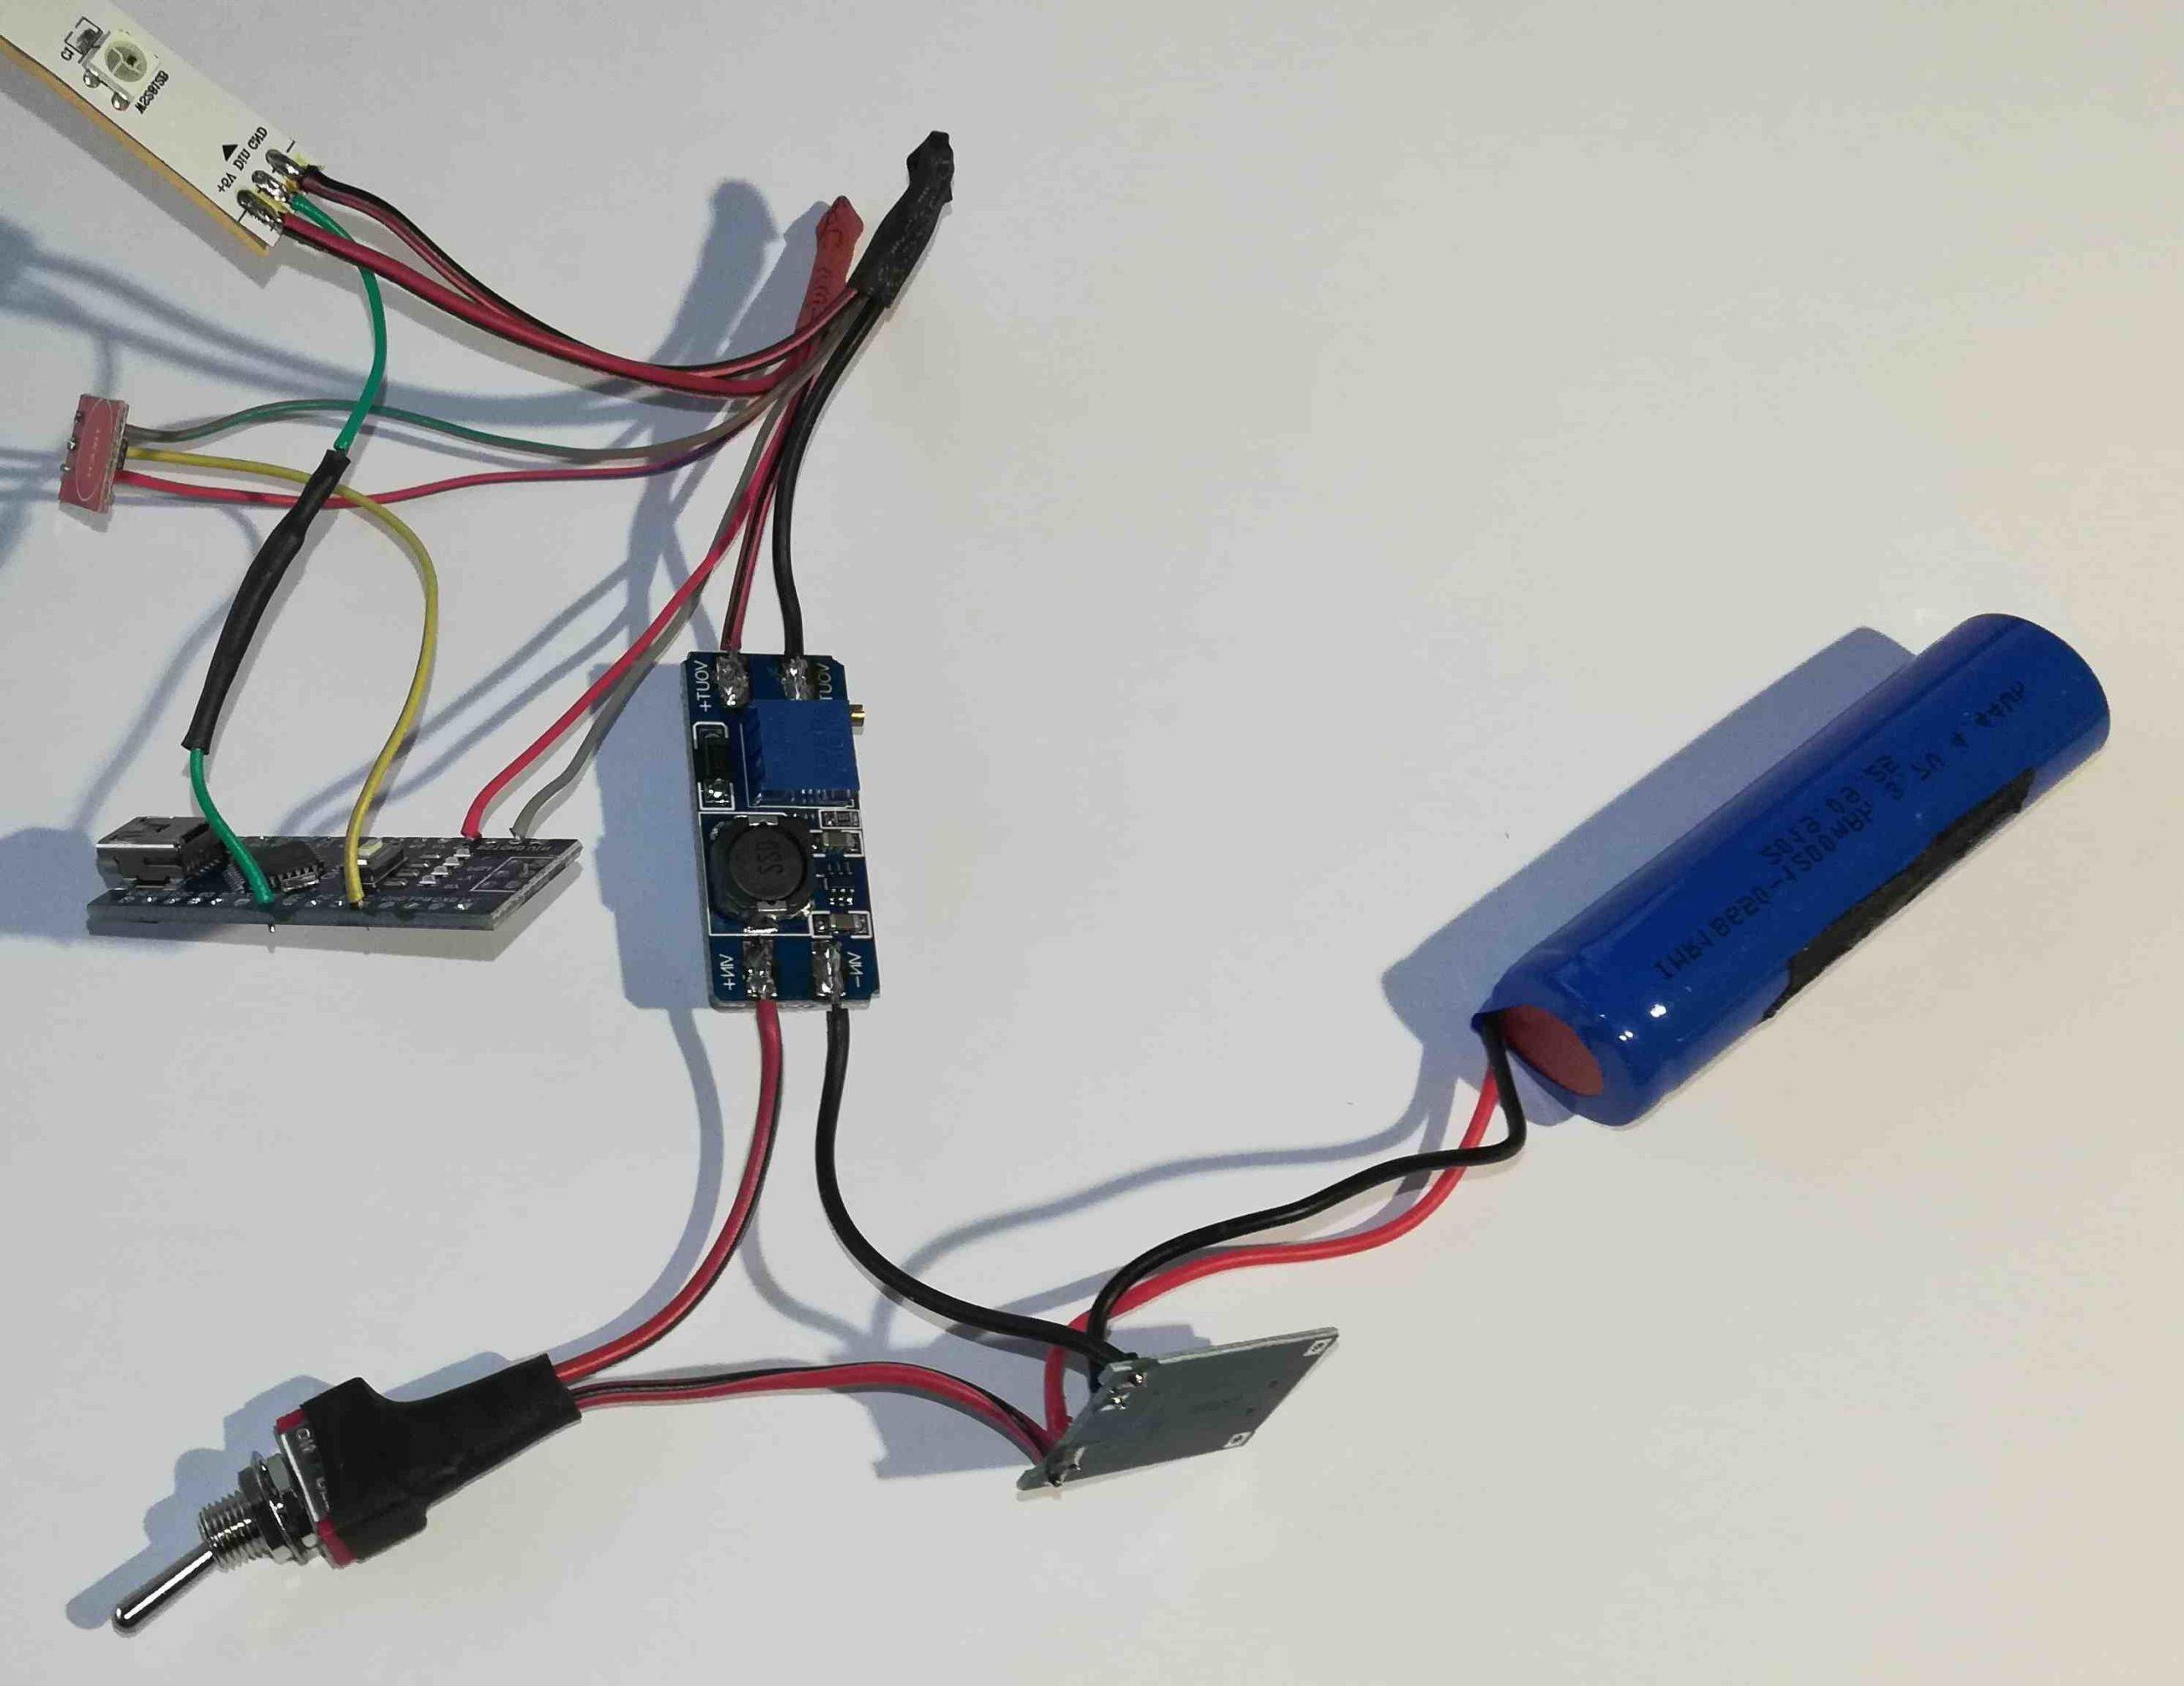 Comment fabriquer une lampe tubulaire?